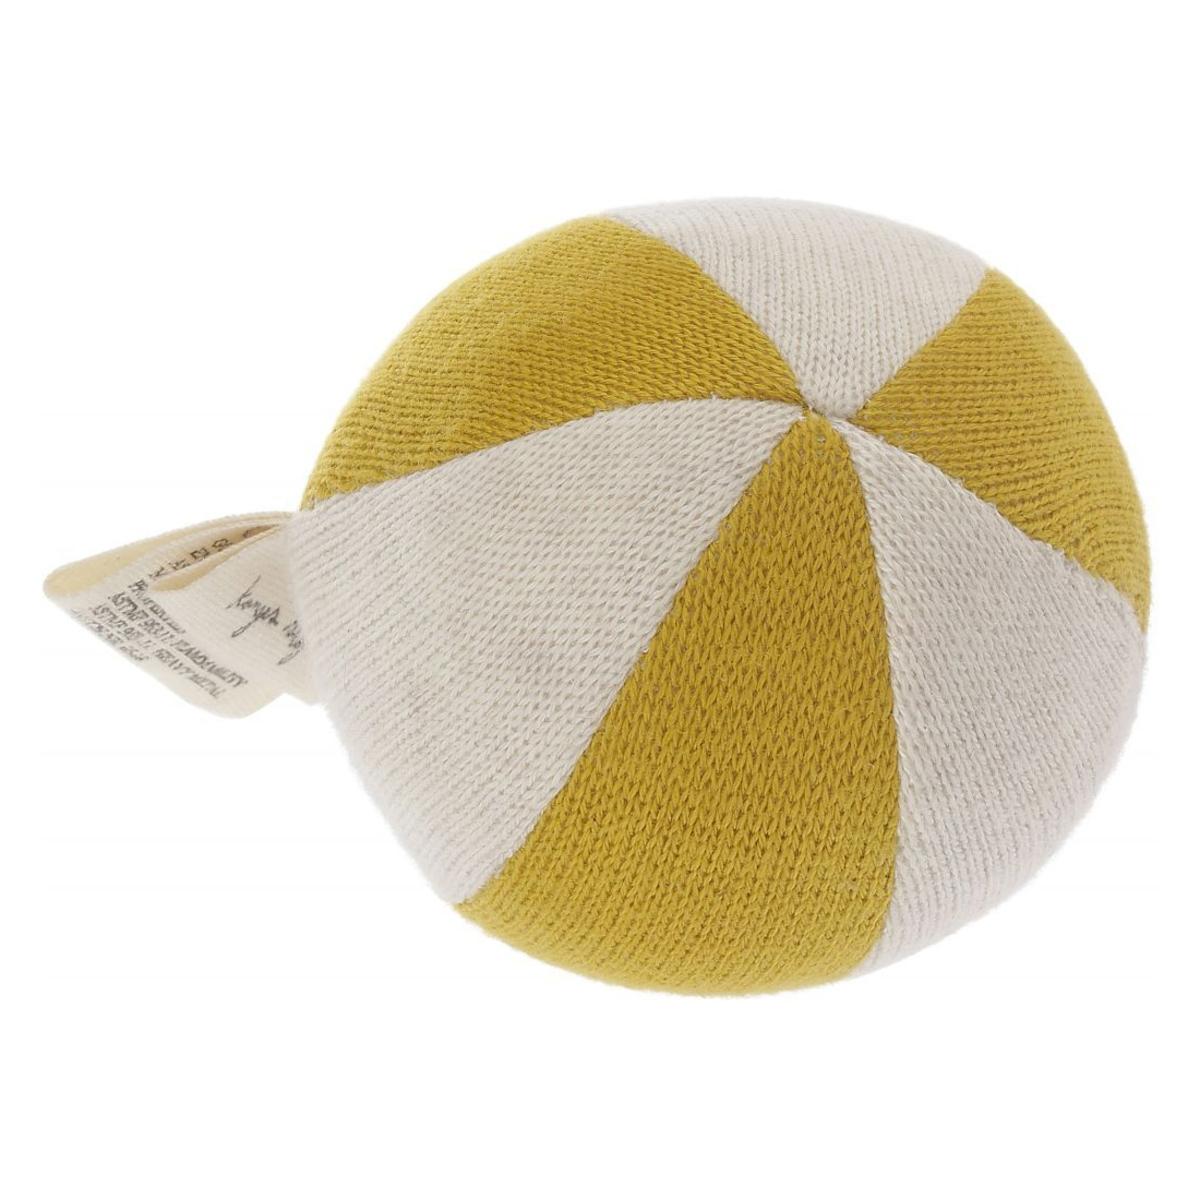 Hochet Hochet Ballon - Moutarde